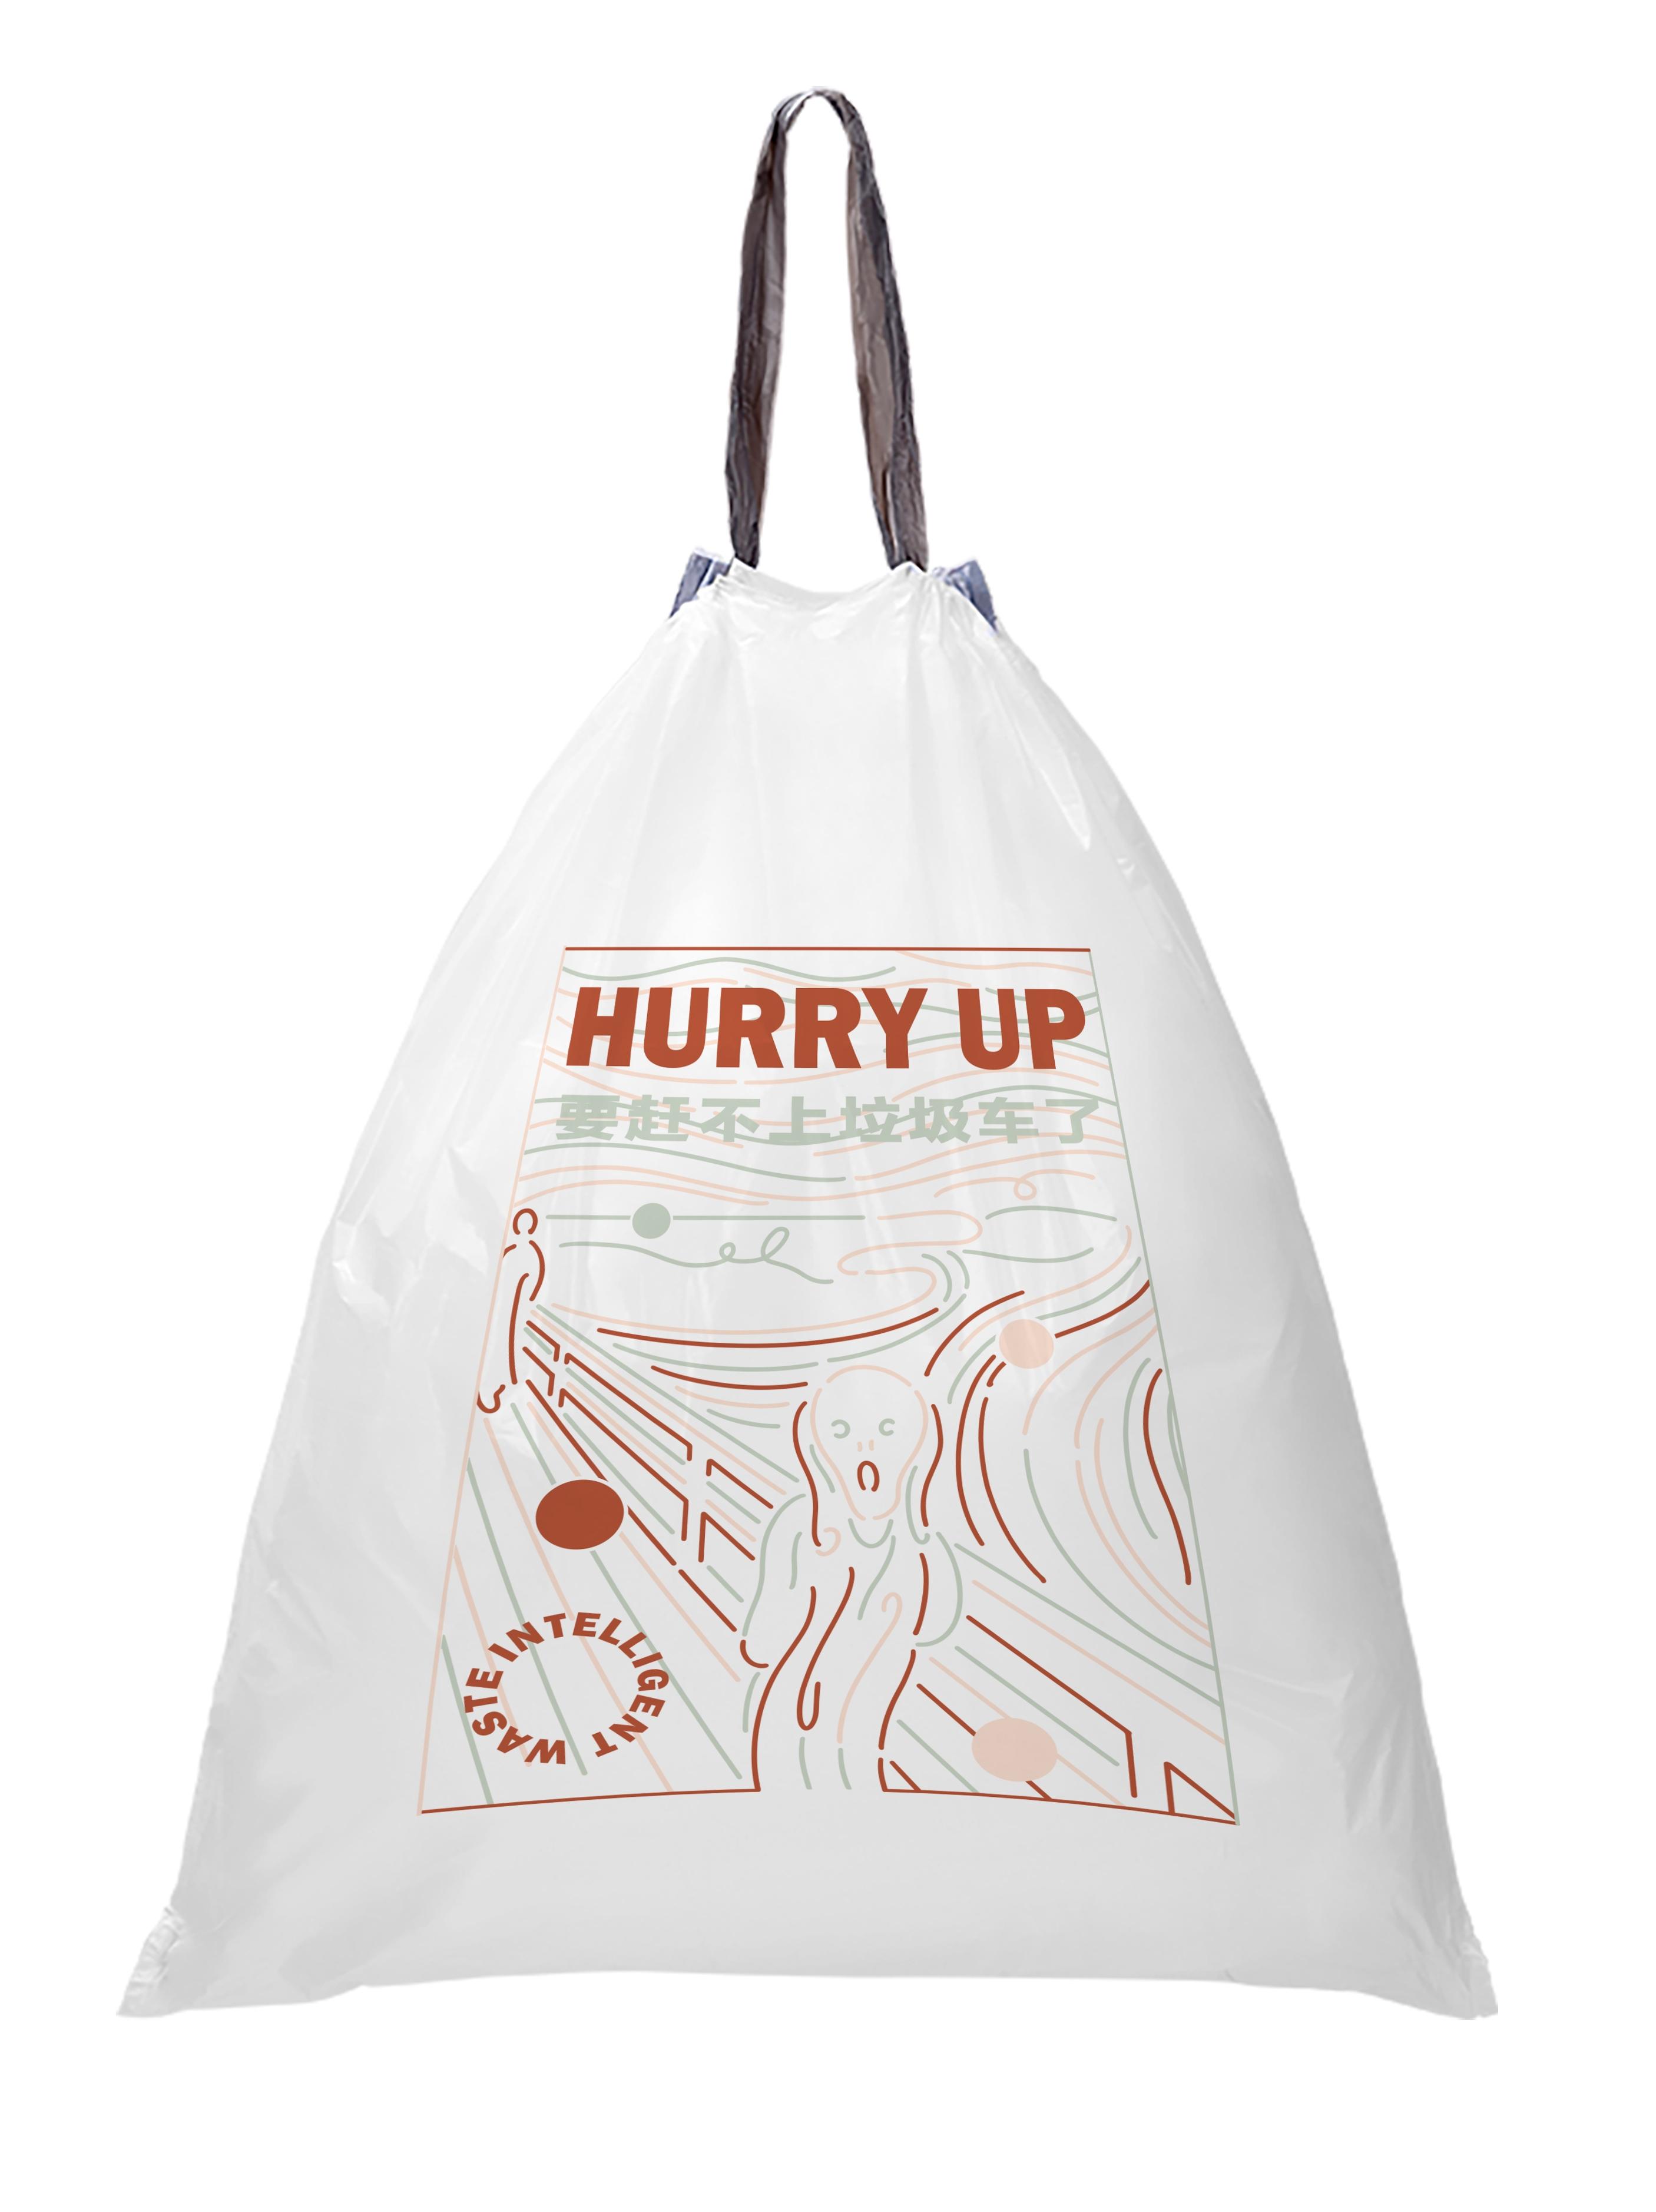 云物生活厨房抽绳垃圾袋湿垃圾家用防漏手提式加厚特厚创意入画_图5